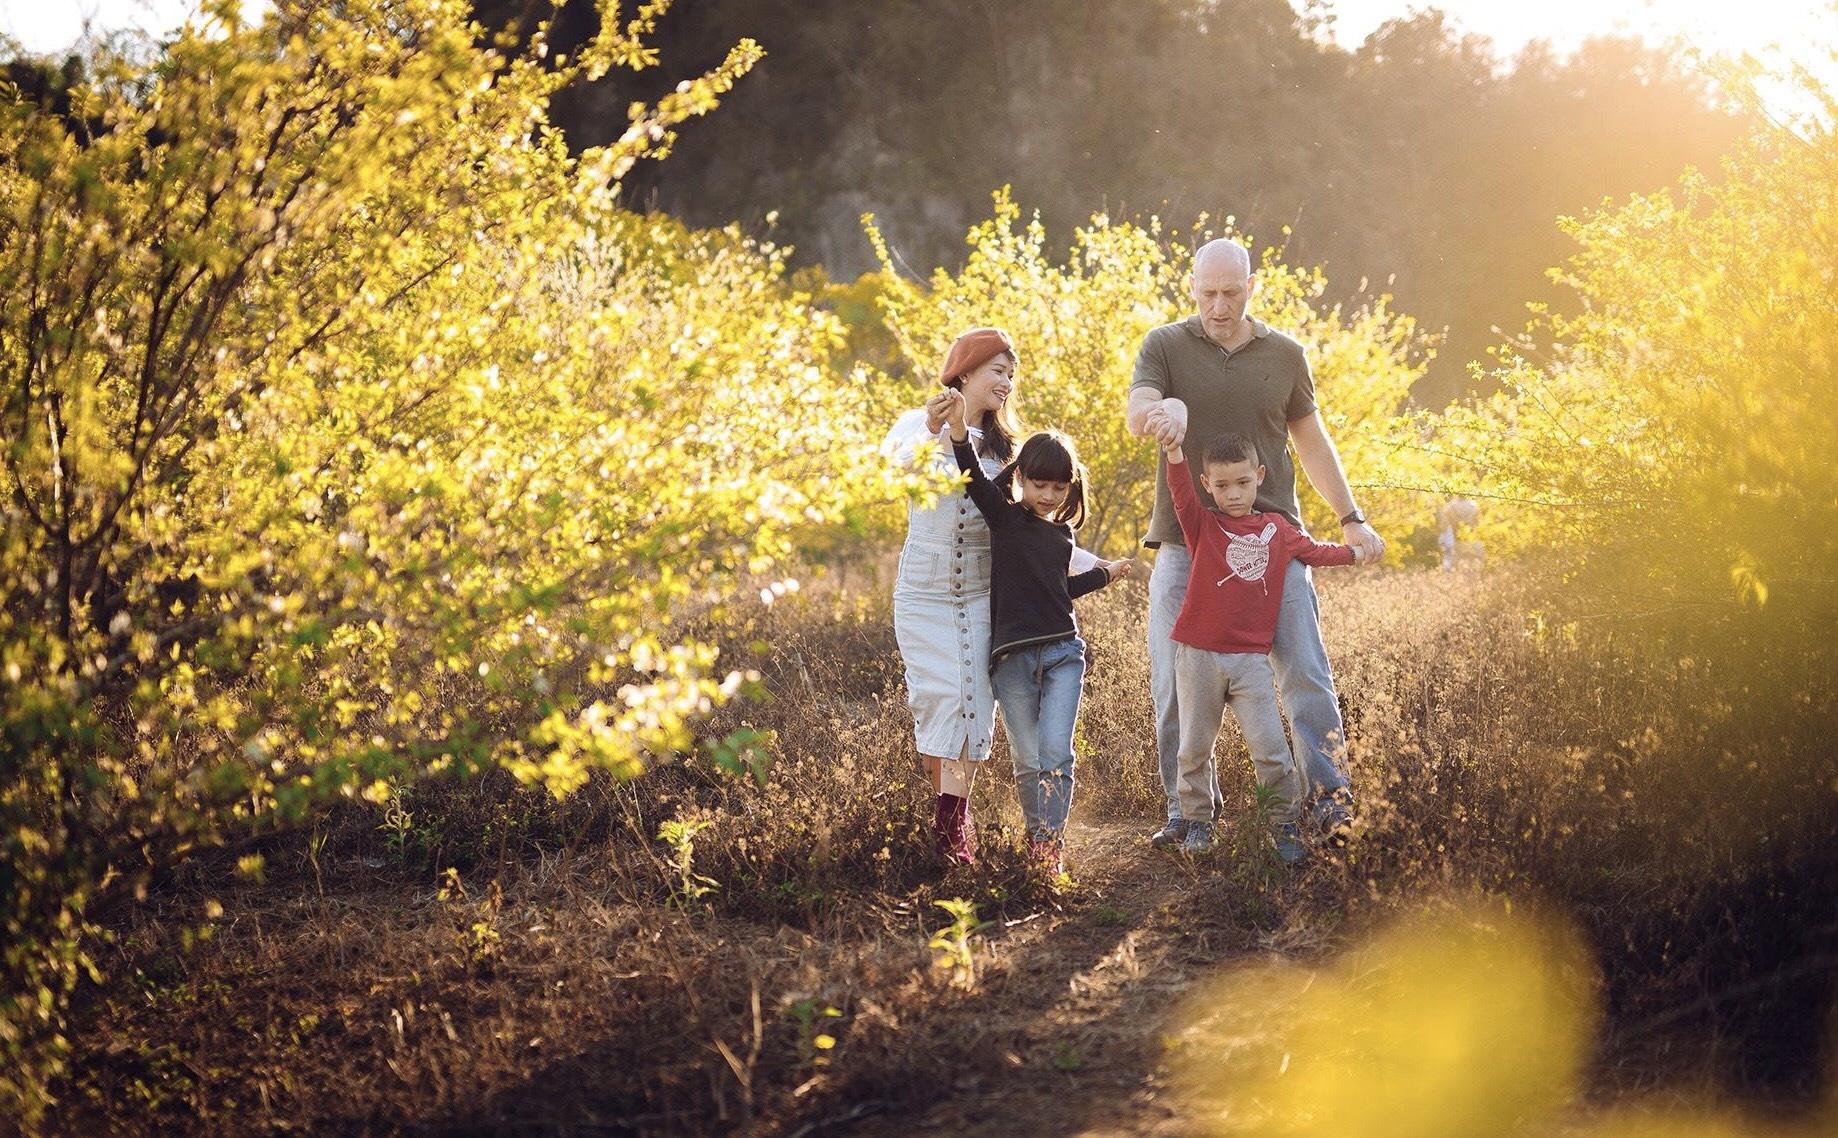 Gia đình bạn có thể cùng nhau tận hưởng những phút giây tuyệt vời bên nhau tại đây. (Ảnh: Toc Bac)